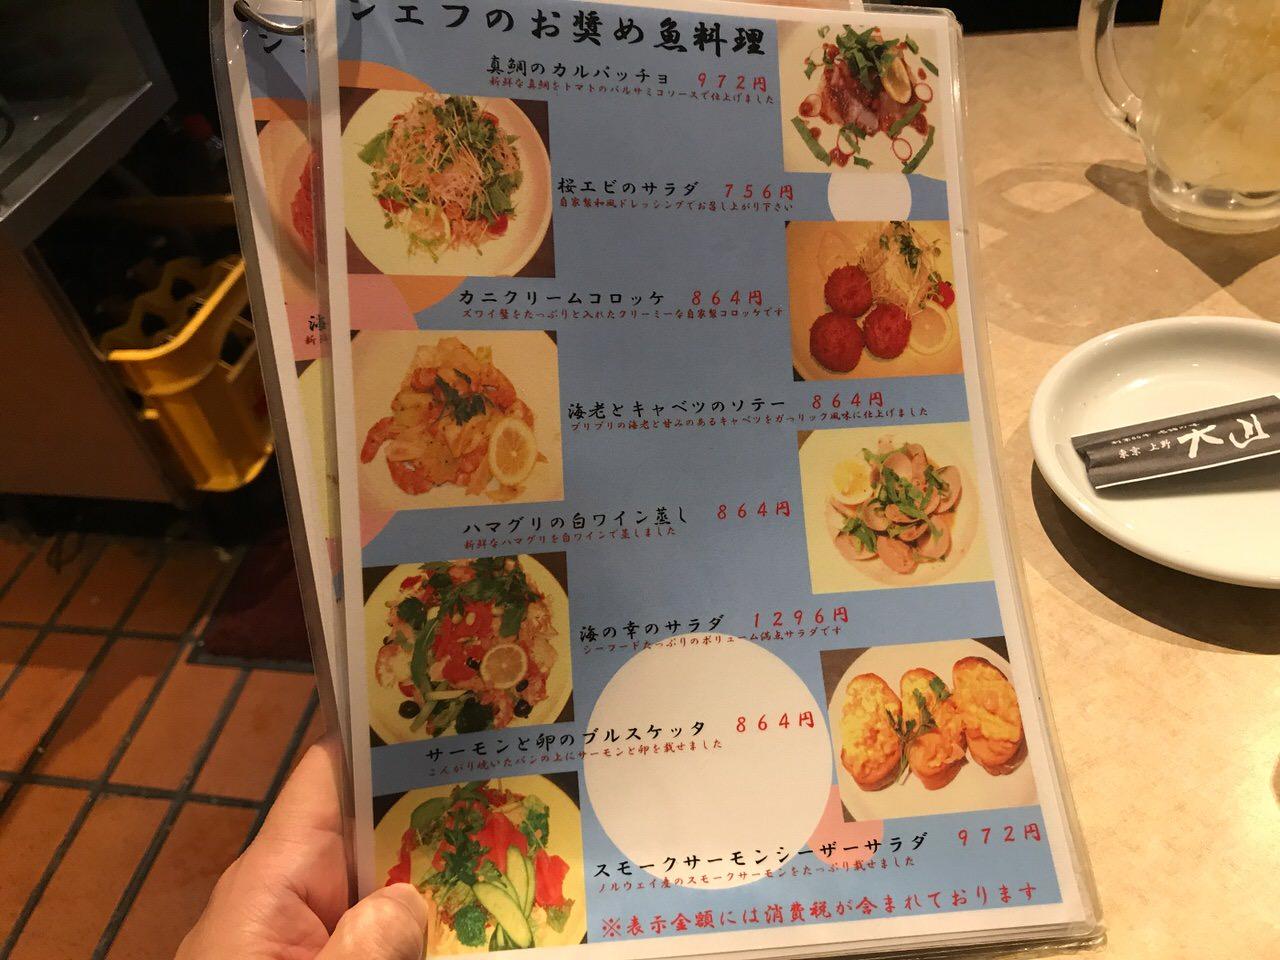 Ooyama 0109170757